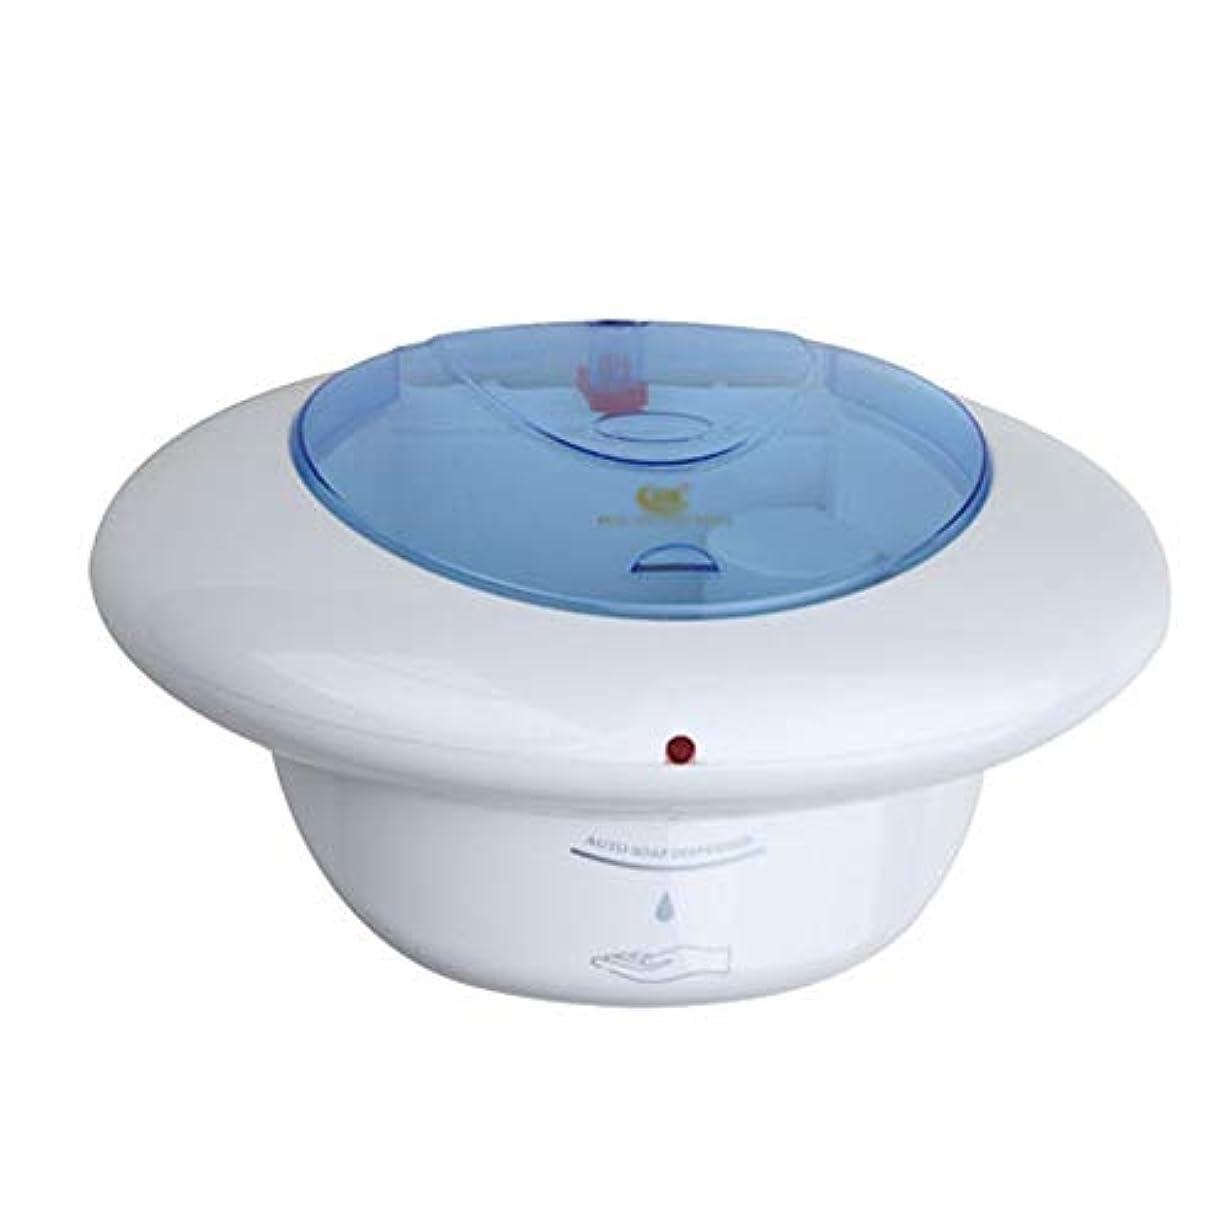 ジュニア落ち着かないメジャーソープディスペンサー 700mlの容量赤外線検出壁掛け自動ソープディスペンサー ハンドソープ 食器用洗剤 キッチン 洗面所などに適用 (Color : White, Size : One size)